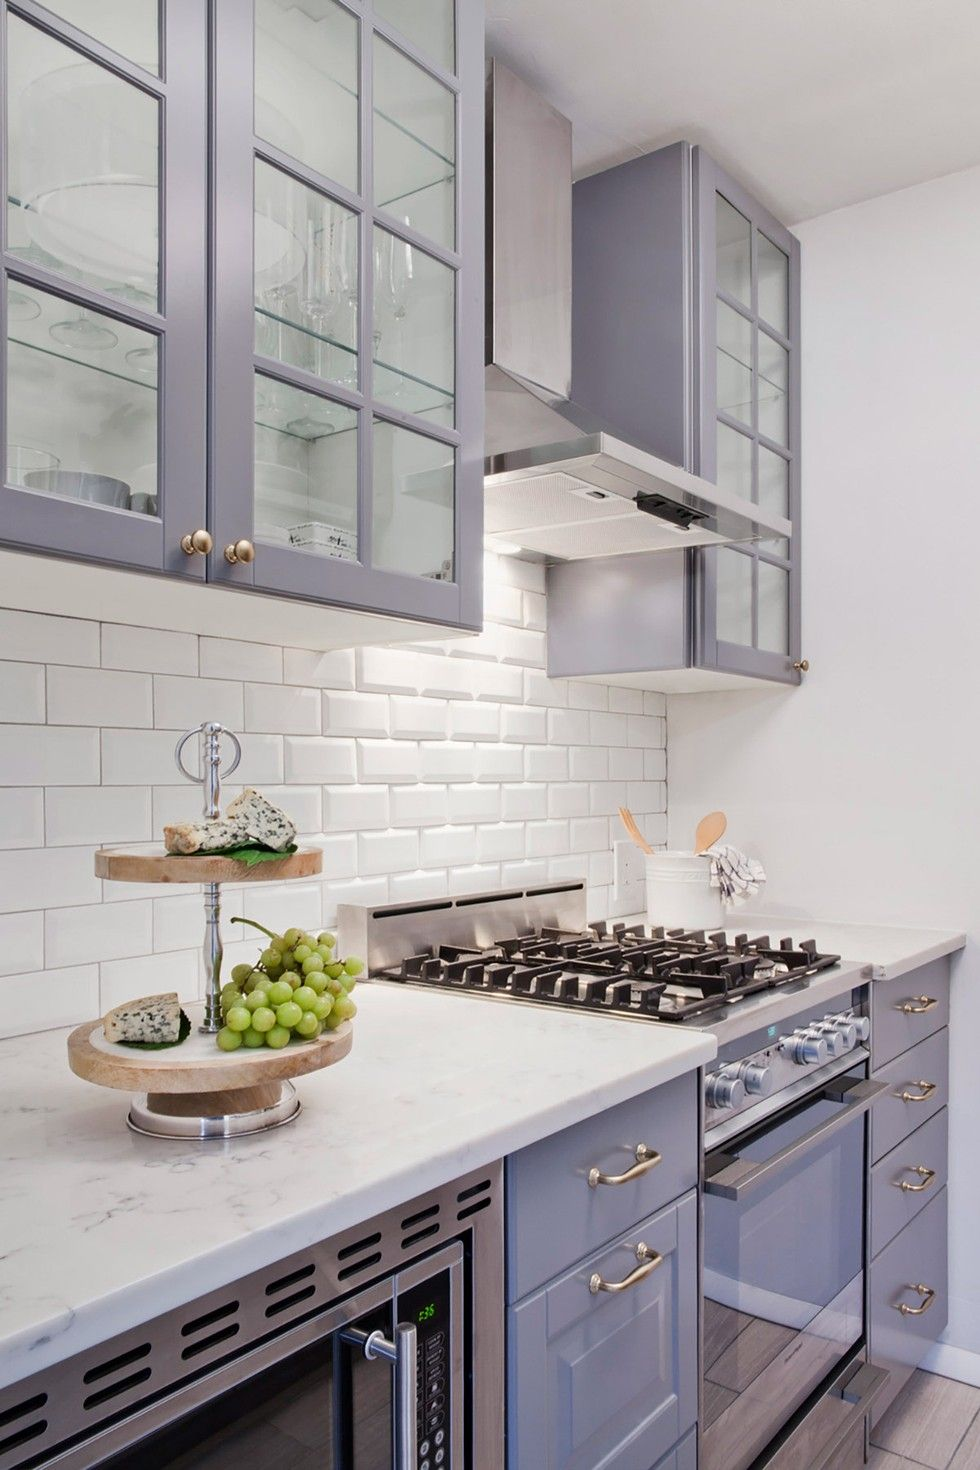 Aranżacja kuchni w bieli i szarości lovely kitchens pinterest